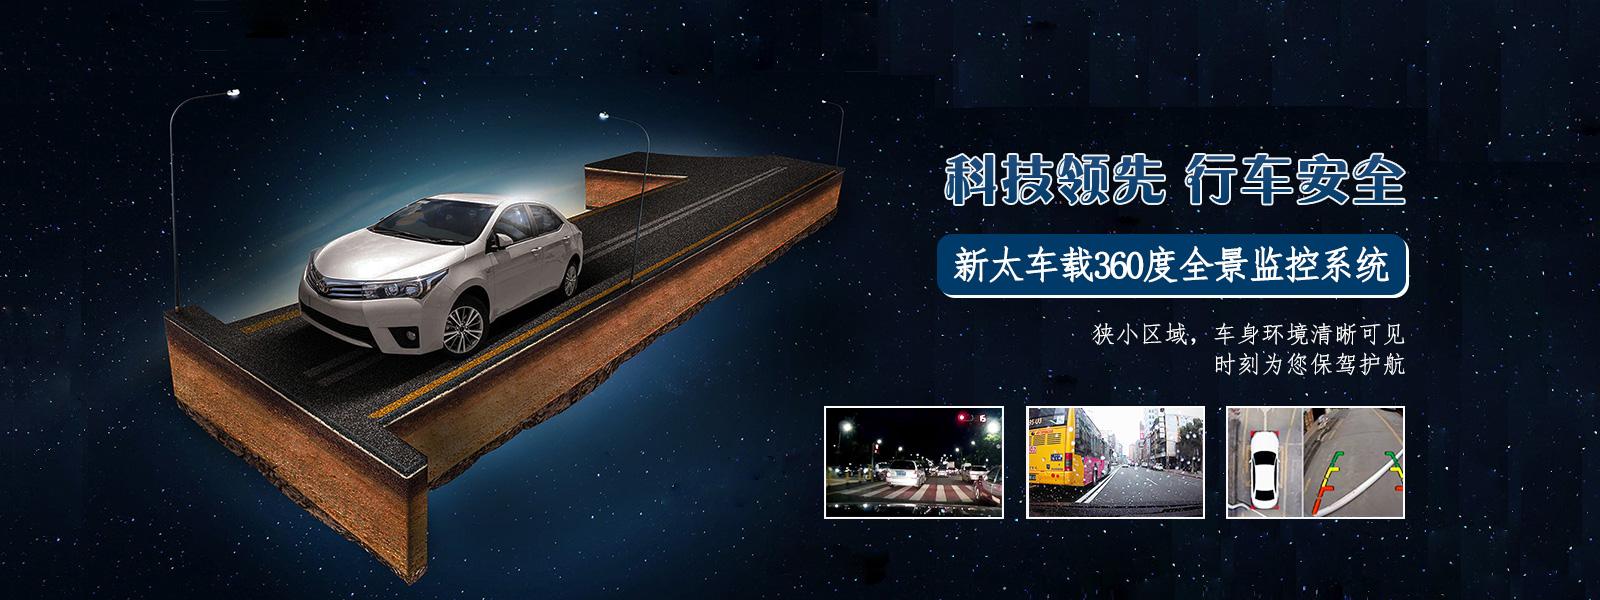 让出行更安全 新太科技参加2019深圳国际智能交通展